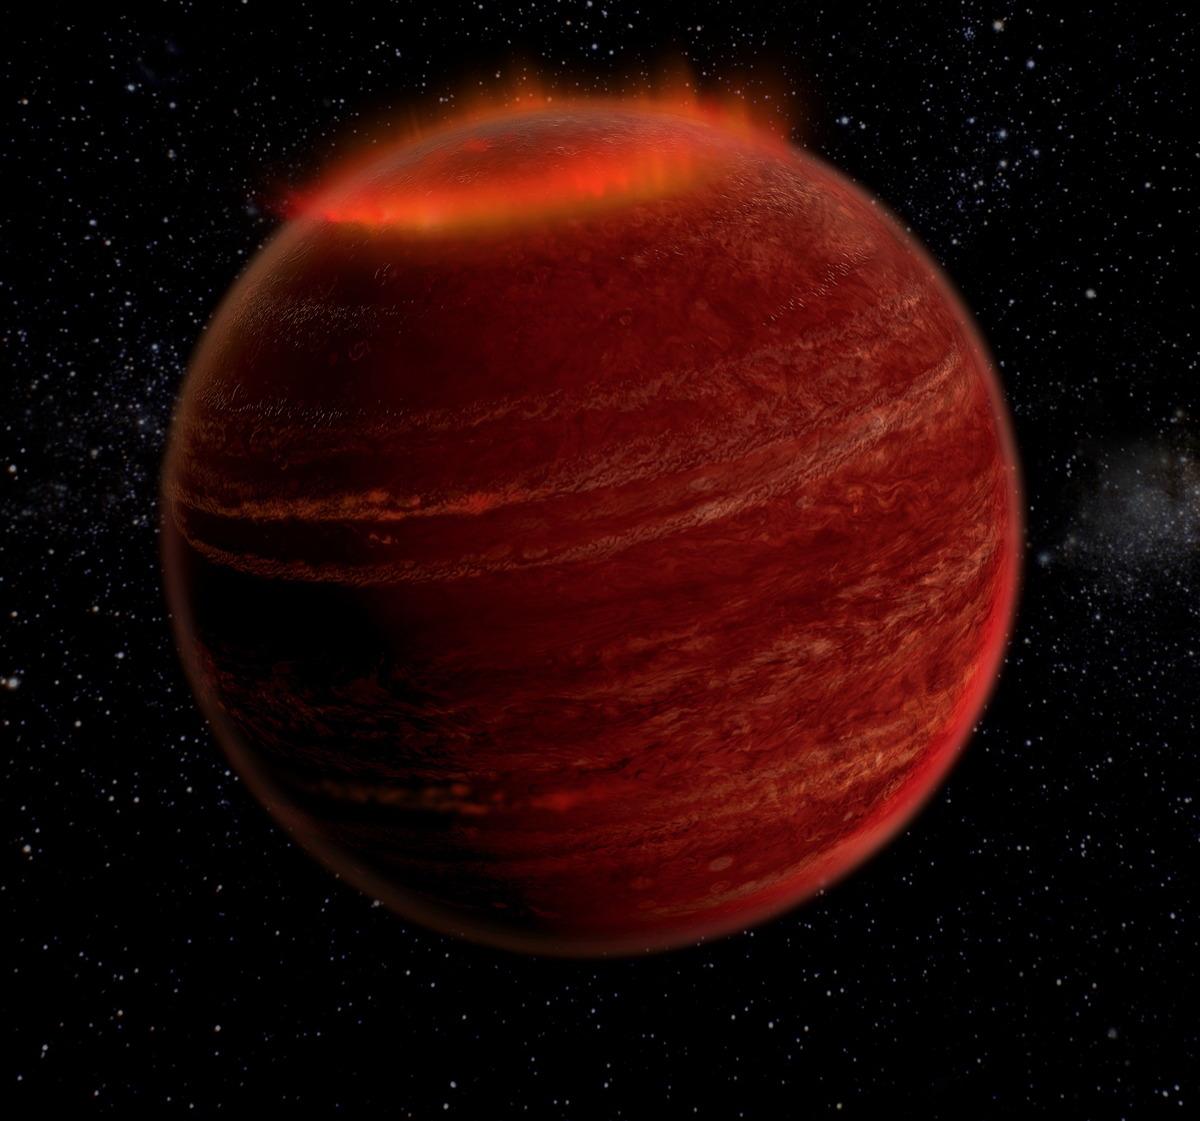 Auroras on Brown Dwarf LSR J1835+3259